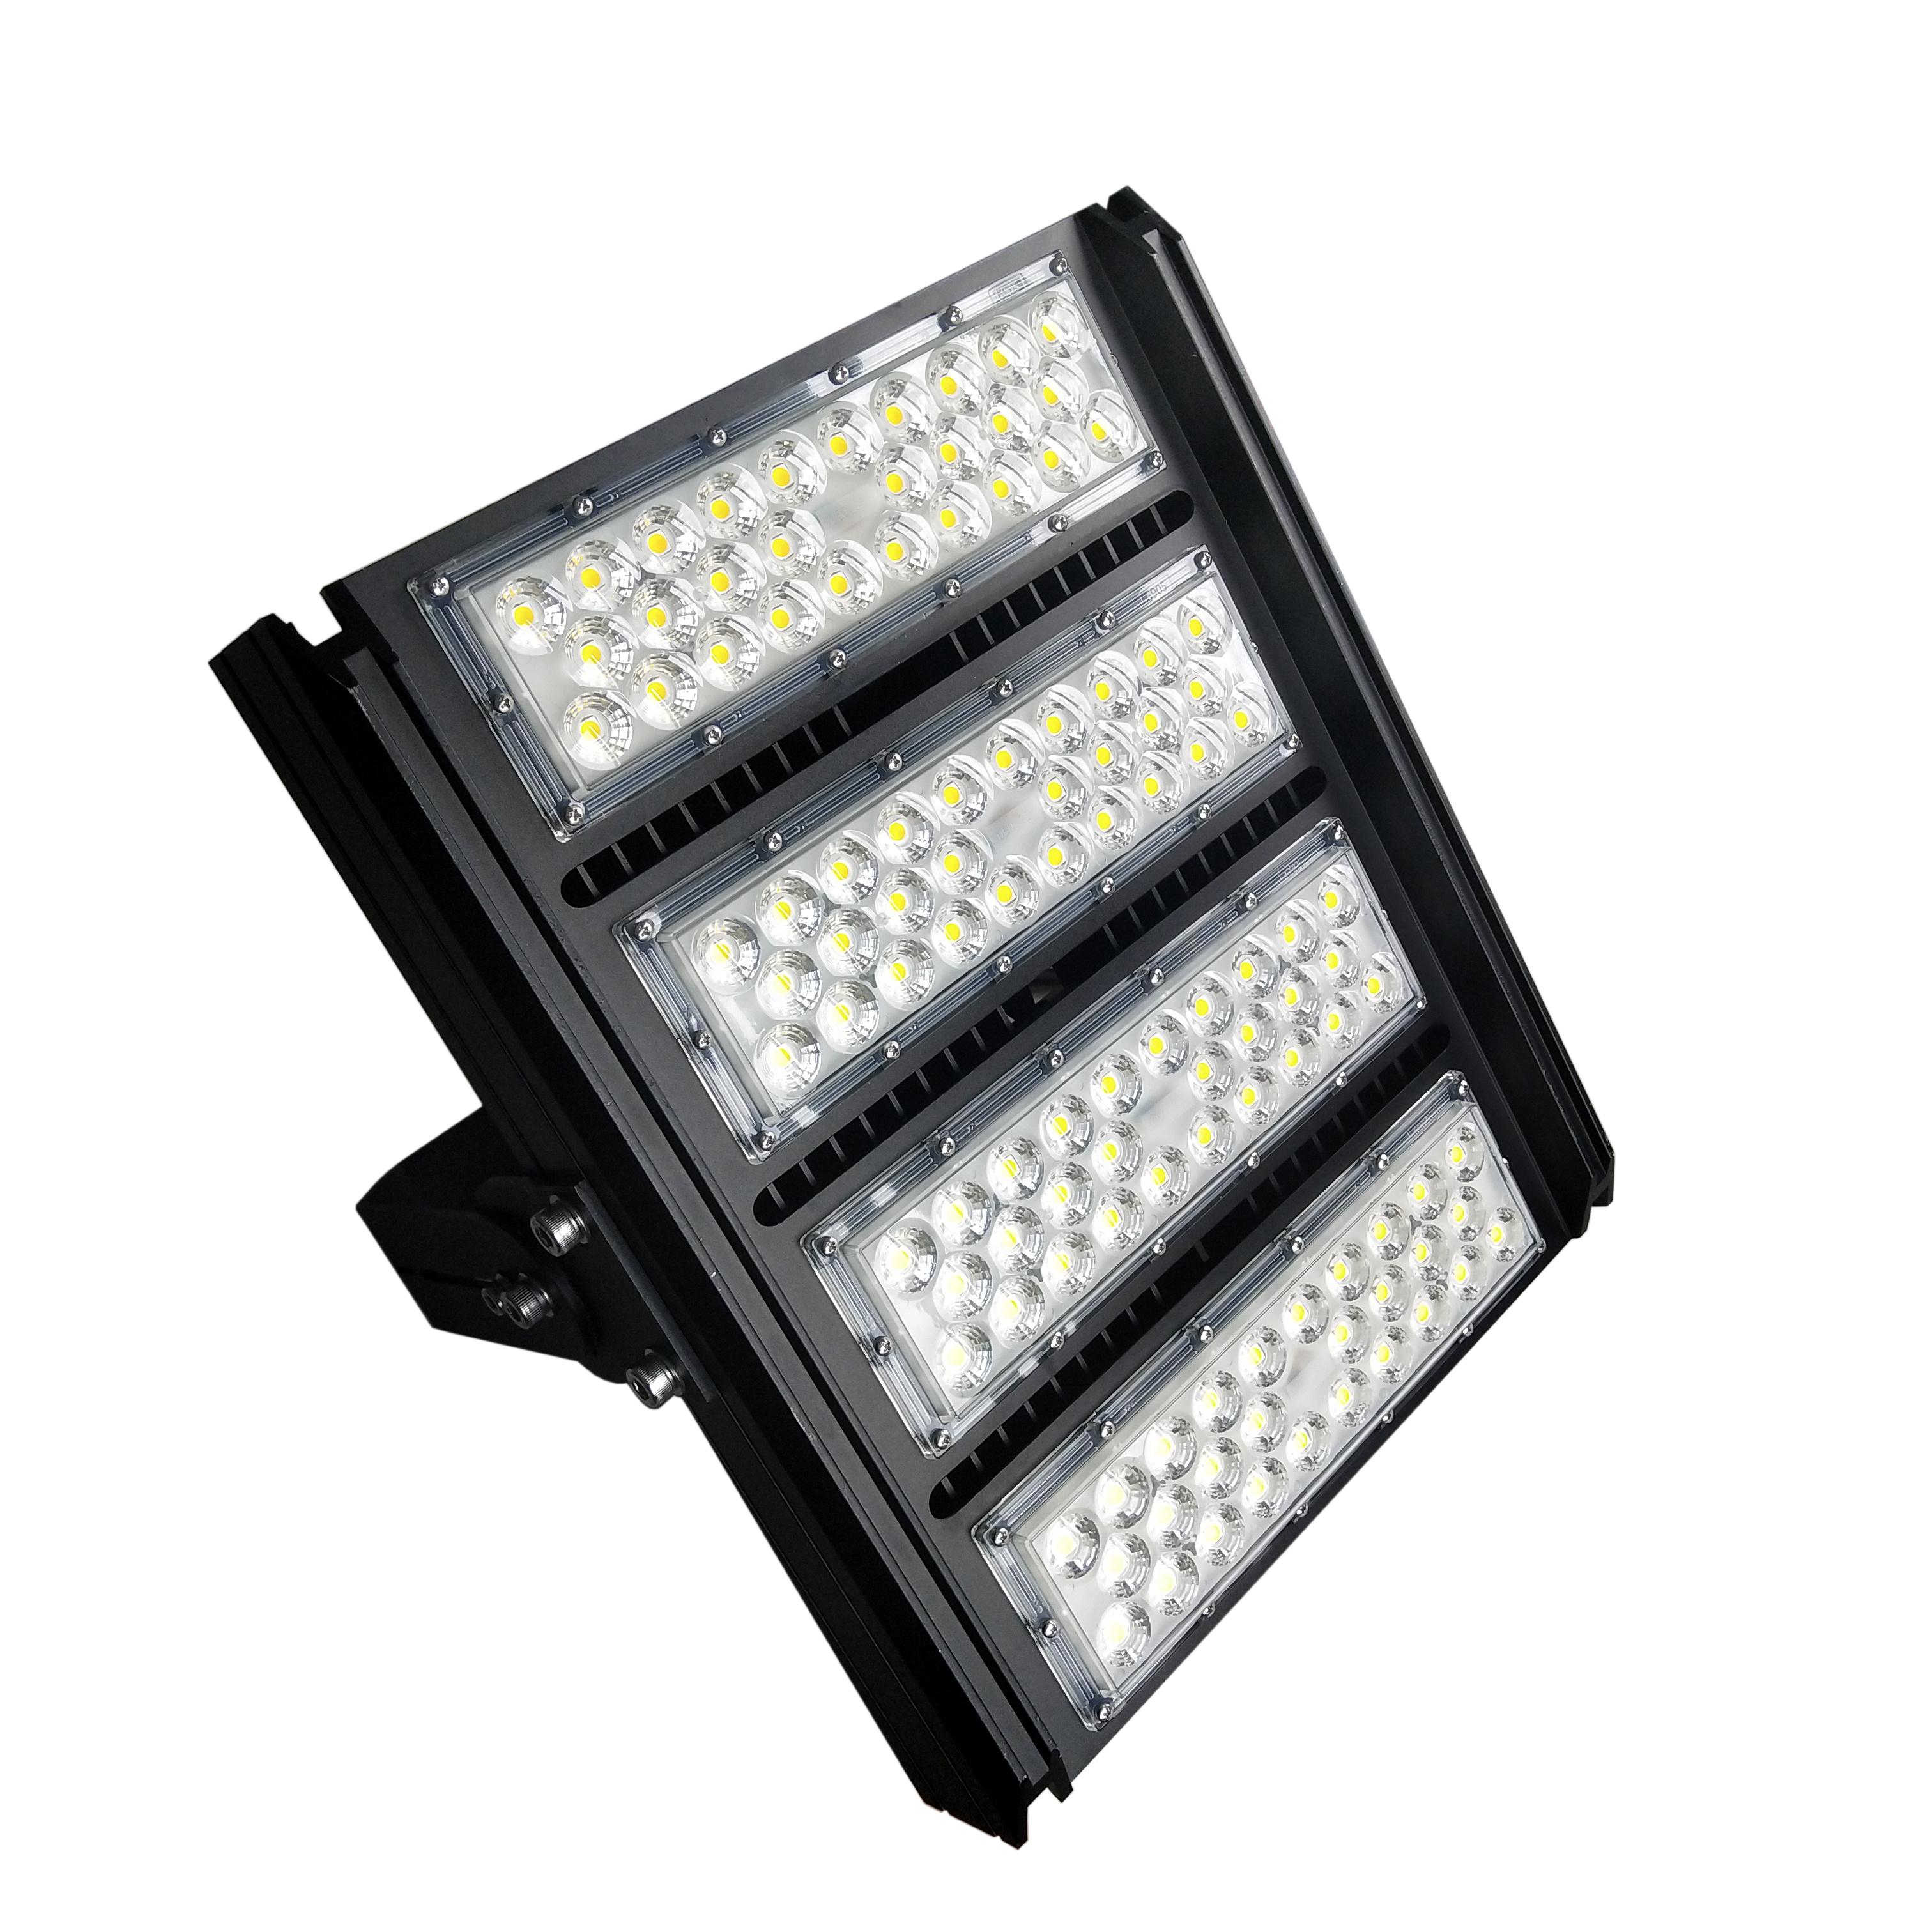 High light efficiency 150 lm/w low maintenance cost JYT11 200W 240W LED flood light IP66 waterproof